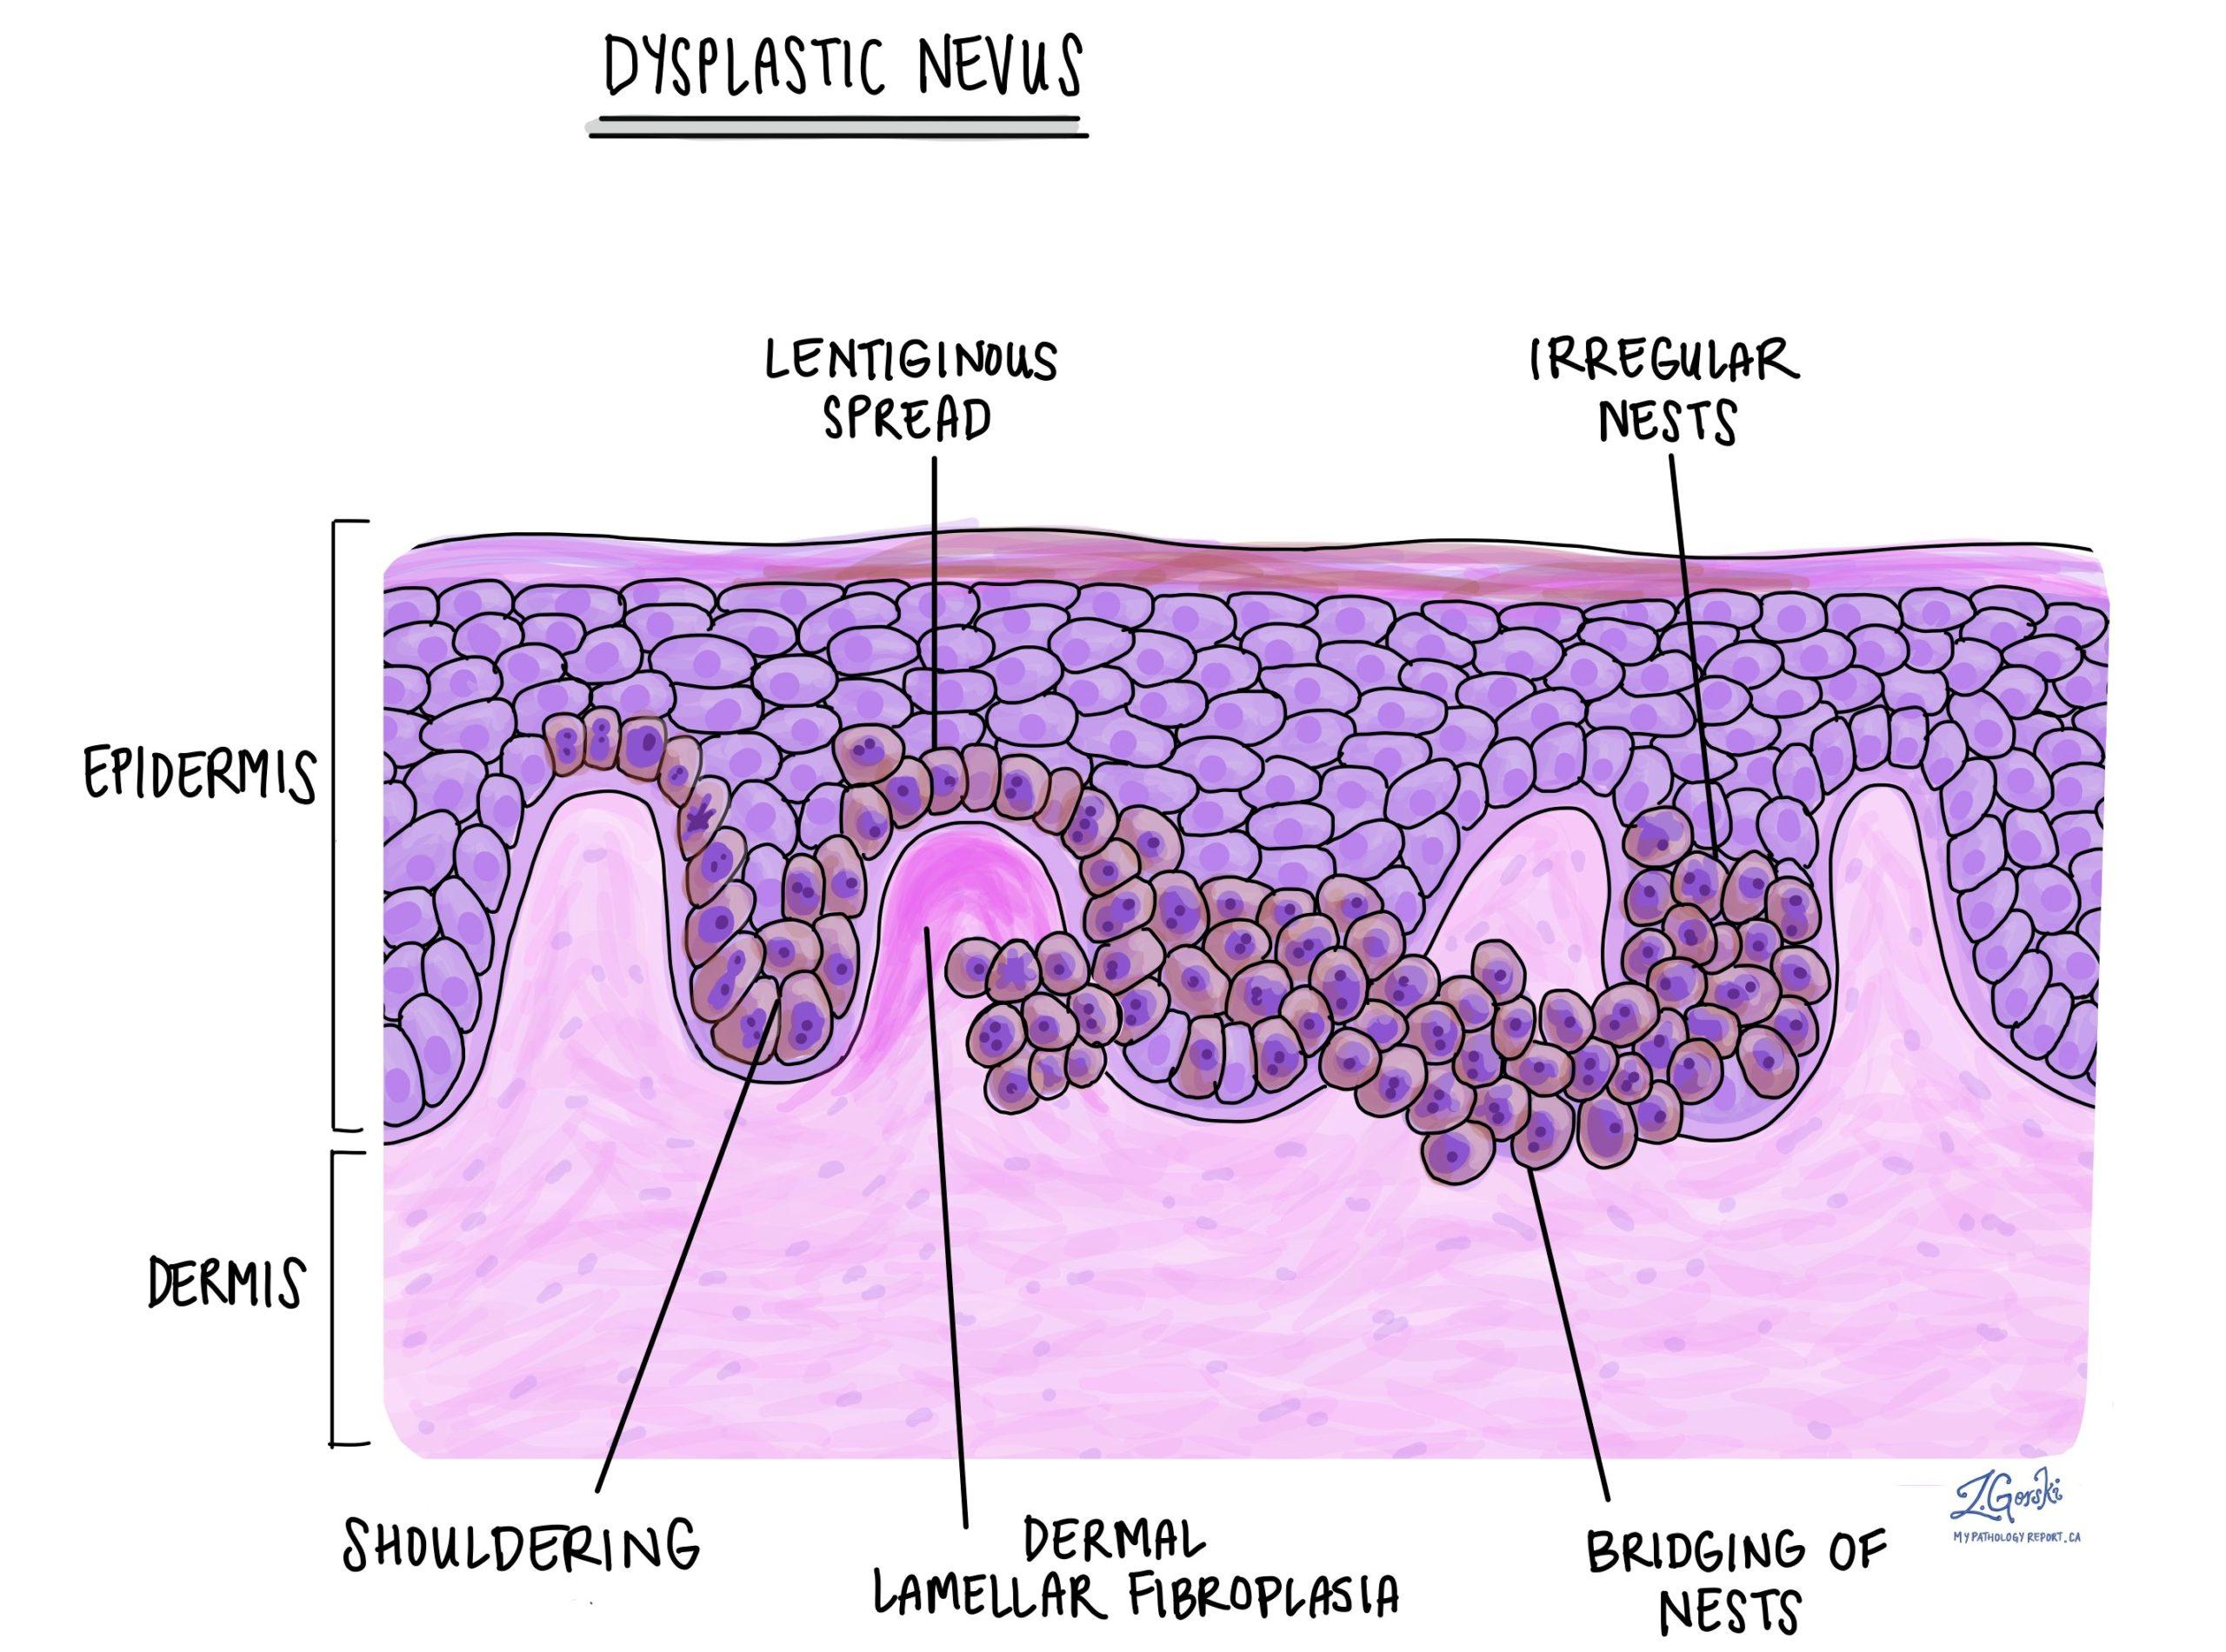 dysplastic nevus